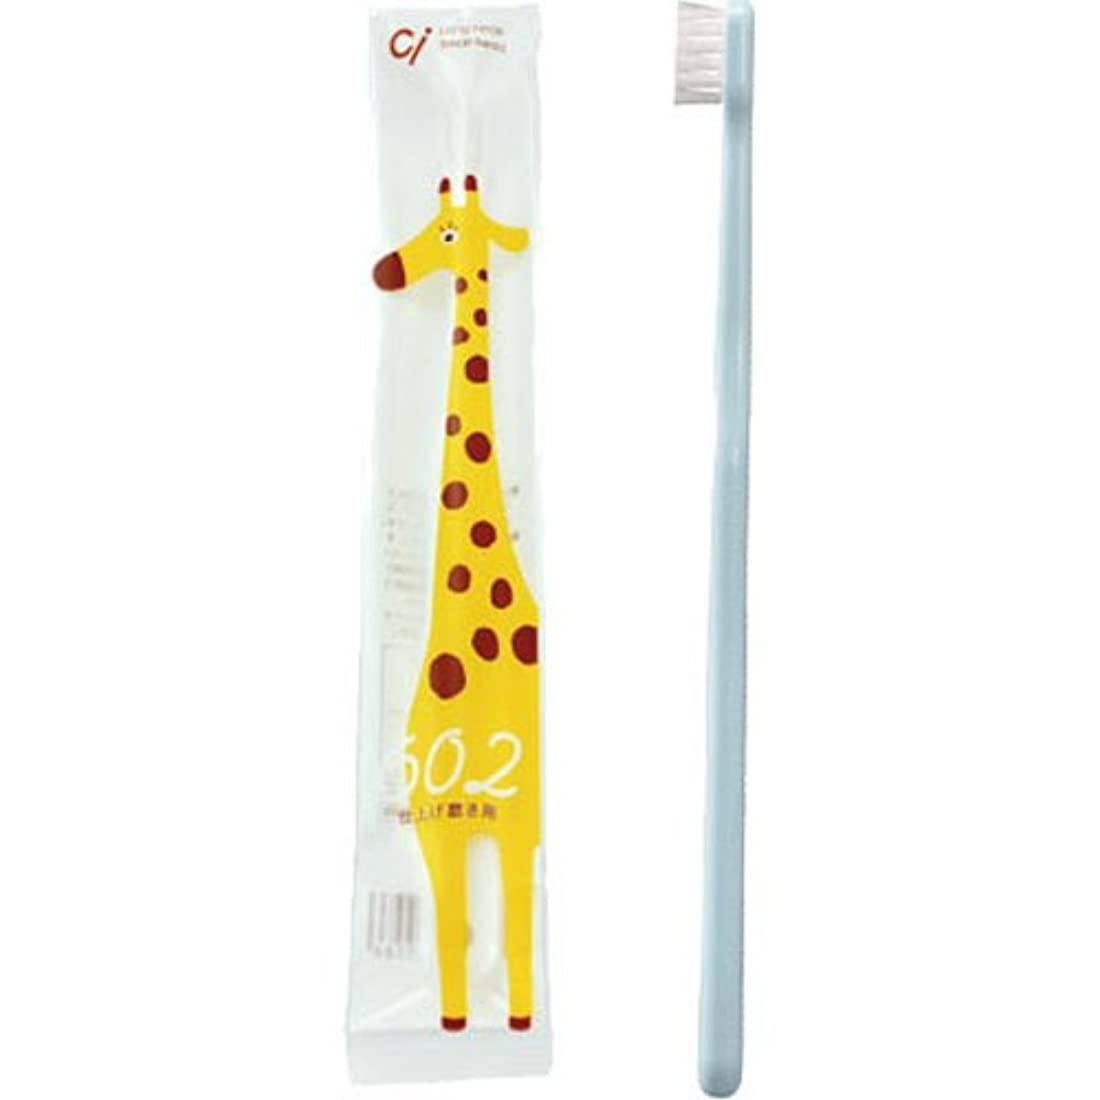 犯すショップエゴマニアCi(シーアイ) 歯ブラシ 仕上げ磨き用 #602 1本入